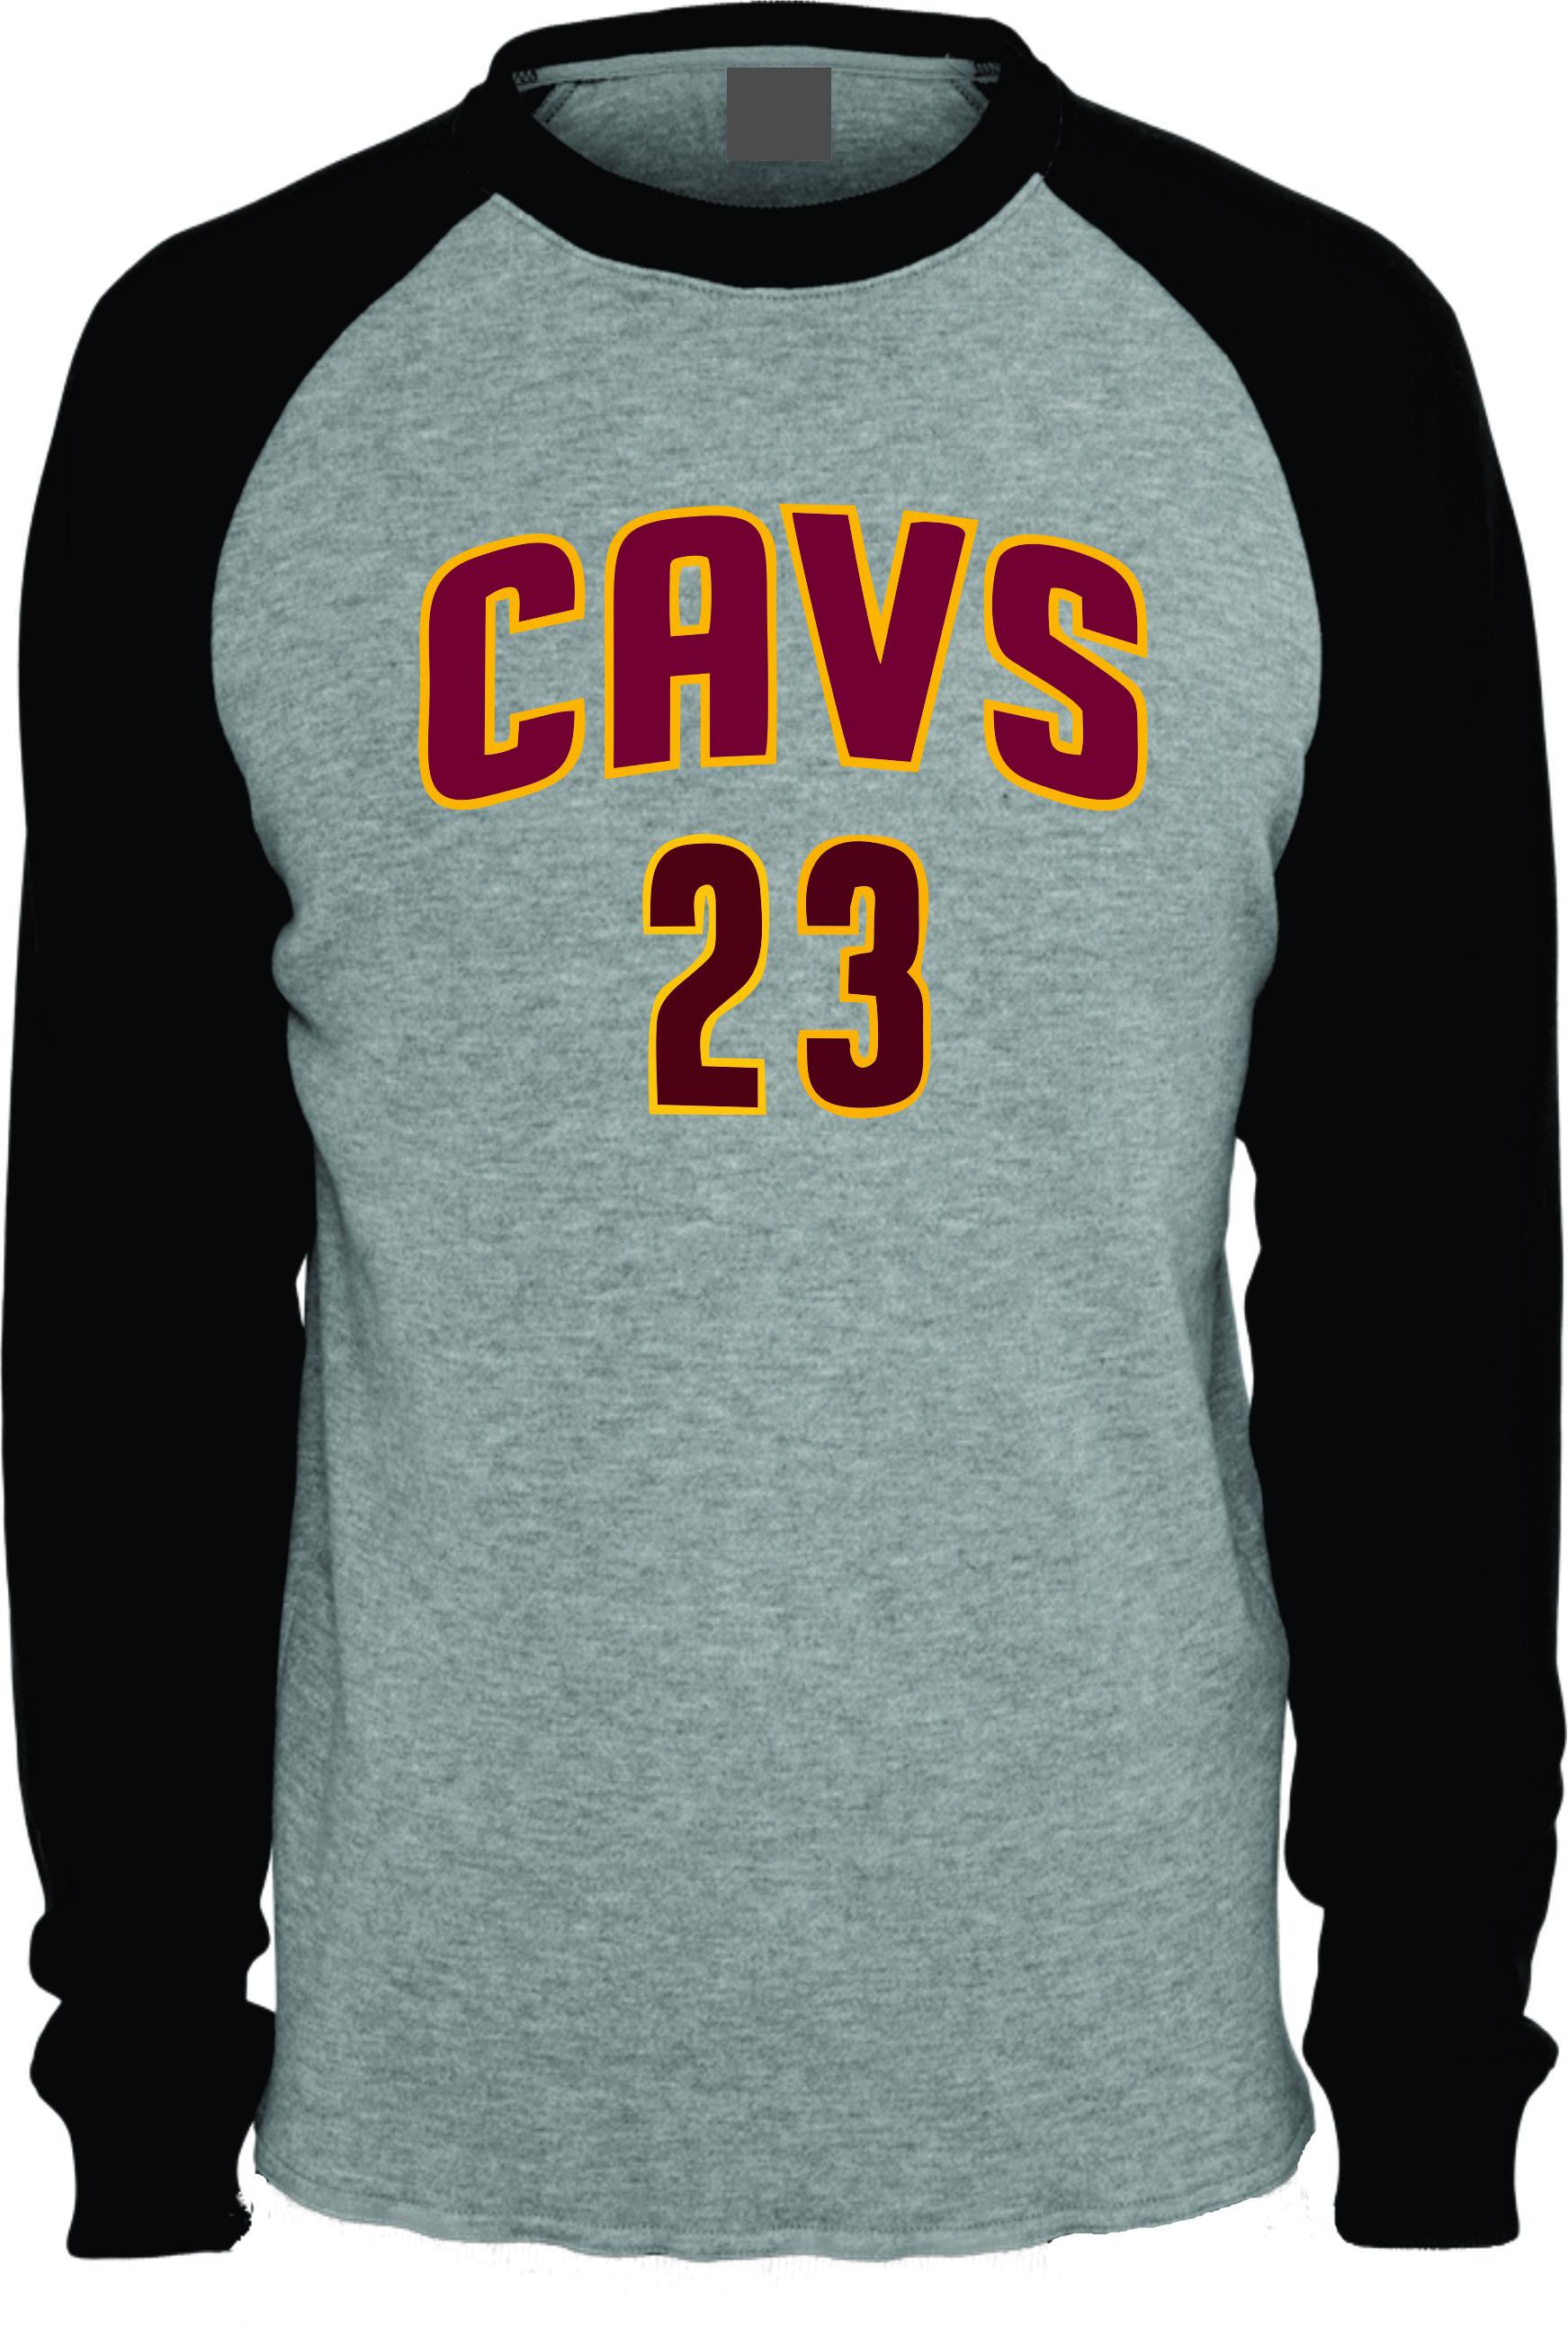 7e9b585d5 Camiseta Cleveland Cavaliers Manga Curta no Elo7